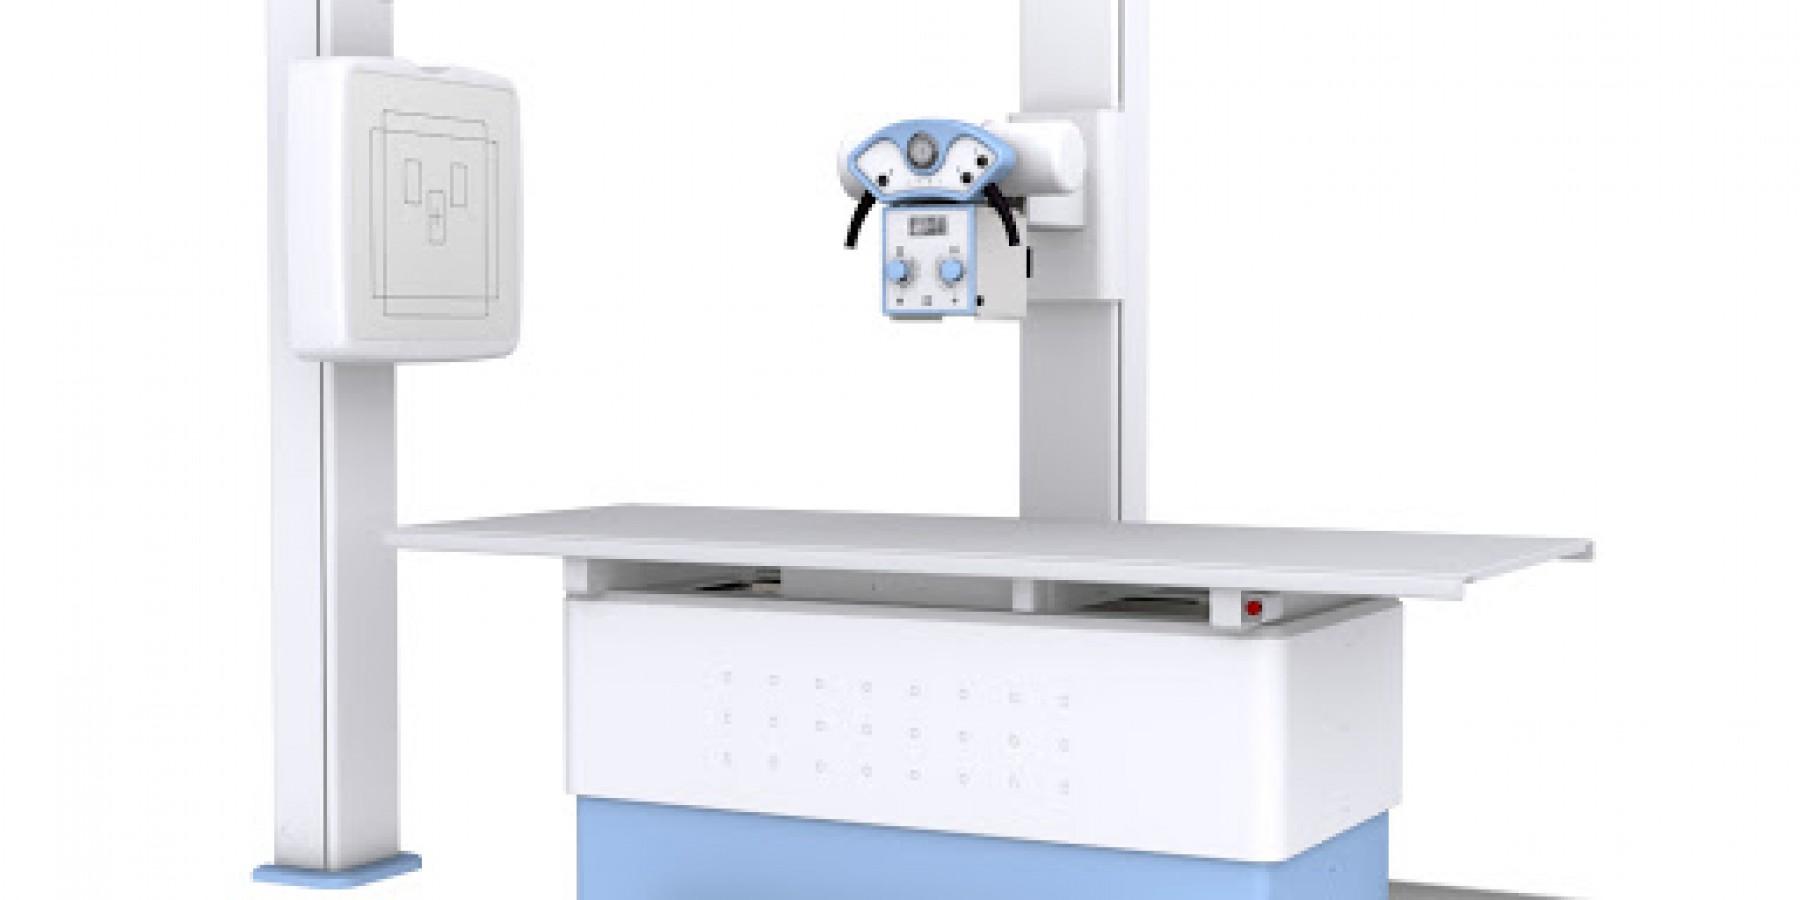 В Кам'янка-Бузькій ЦРЛ запрацювала сучасна рентгенографічна система.